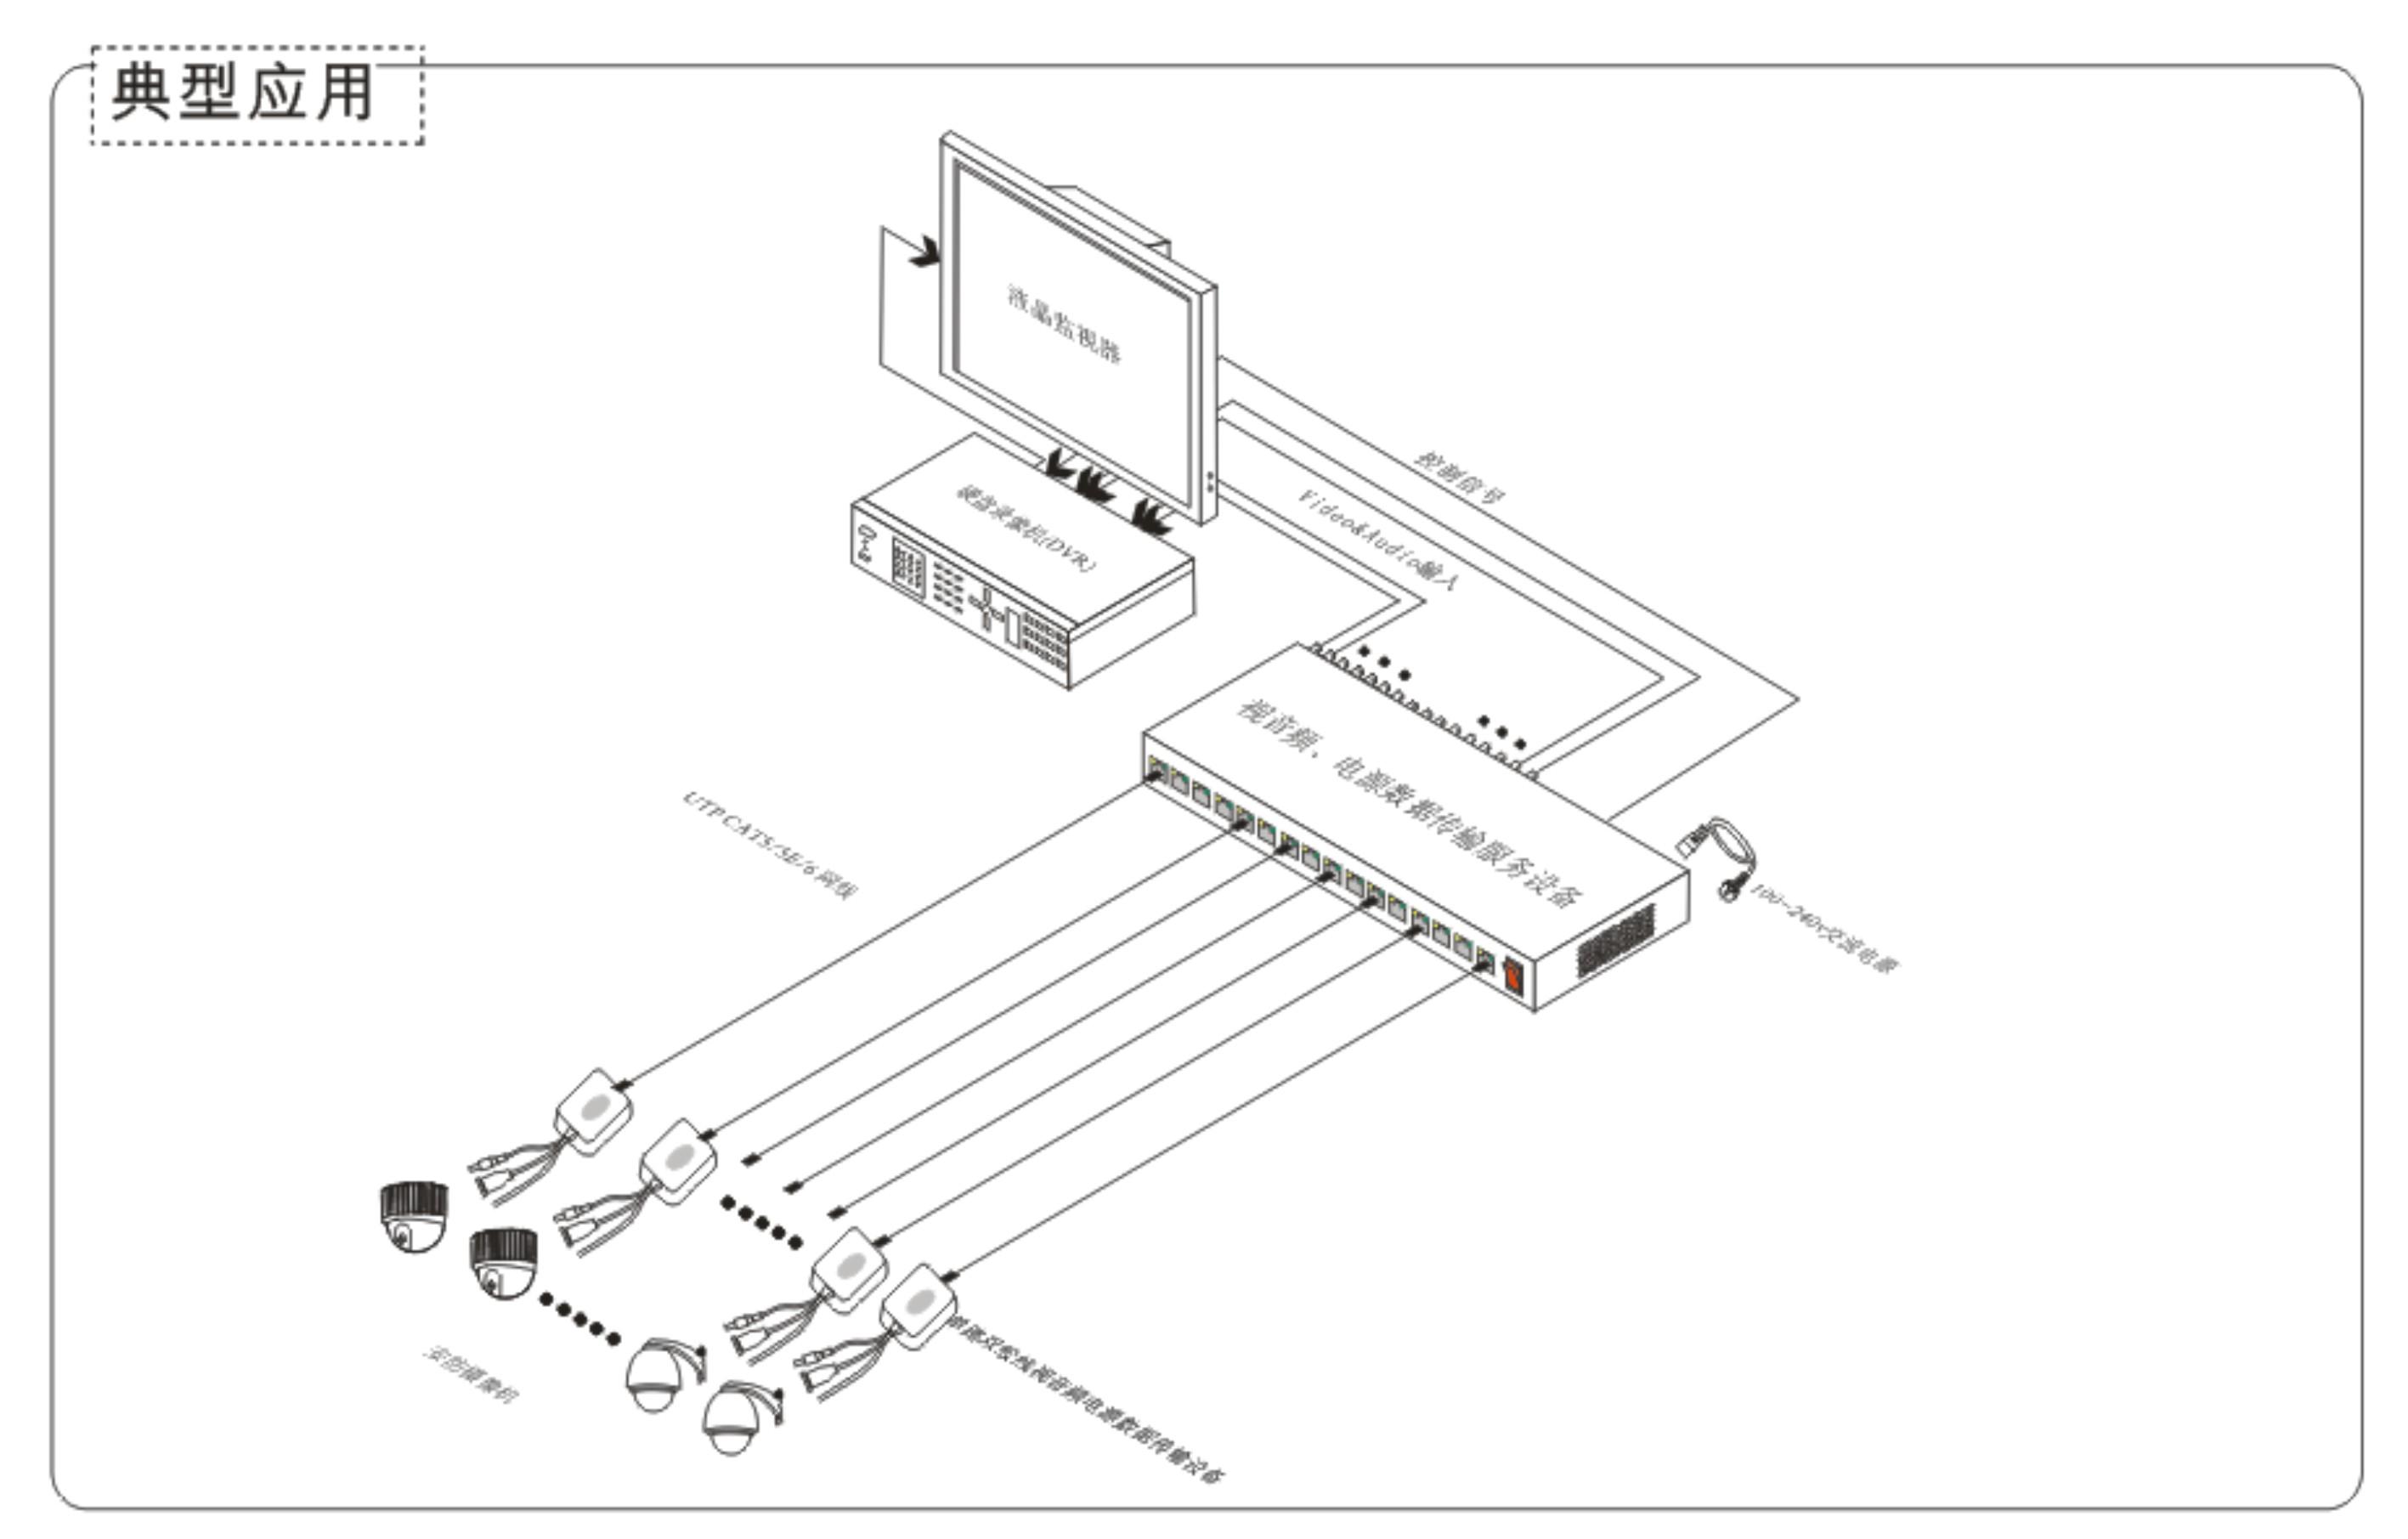 """深圳市优特普(UTP)科技有限公司(简称""""优特普"""")2004年成立于国家级科技园--深圳泰然高科技工业园区,是一家国家认定的高新技术企业(深圳统一编号:S20071225),专业从事高清视、音频数据传输系统的研发、生产和销售,致力于将当今最先进的数字、模拟多媒体技术成功应用于安防、音视频媒体、军事、教学以及工业控制等高速成长的技术领域。      优特普拥有一支优秀的技术开发和产品实施团队,在多个新技术项目的开发和实施过程中,积累了丰富的经验。在优特普团队中,不仅有优秀的富有创业激情的年轻硬件及"""